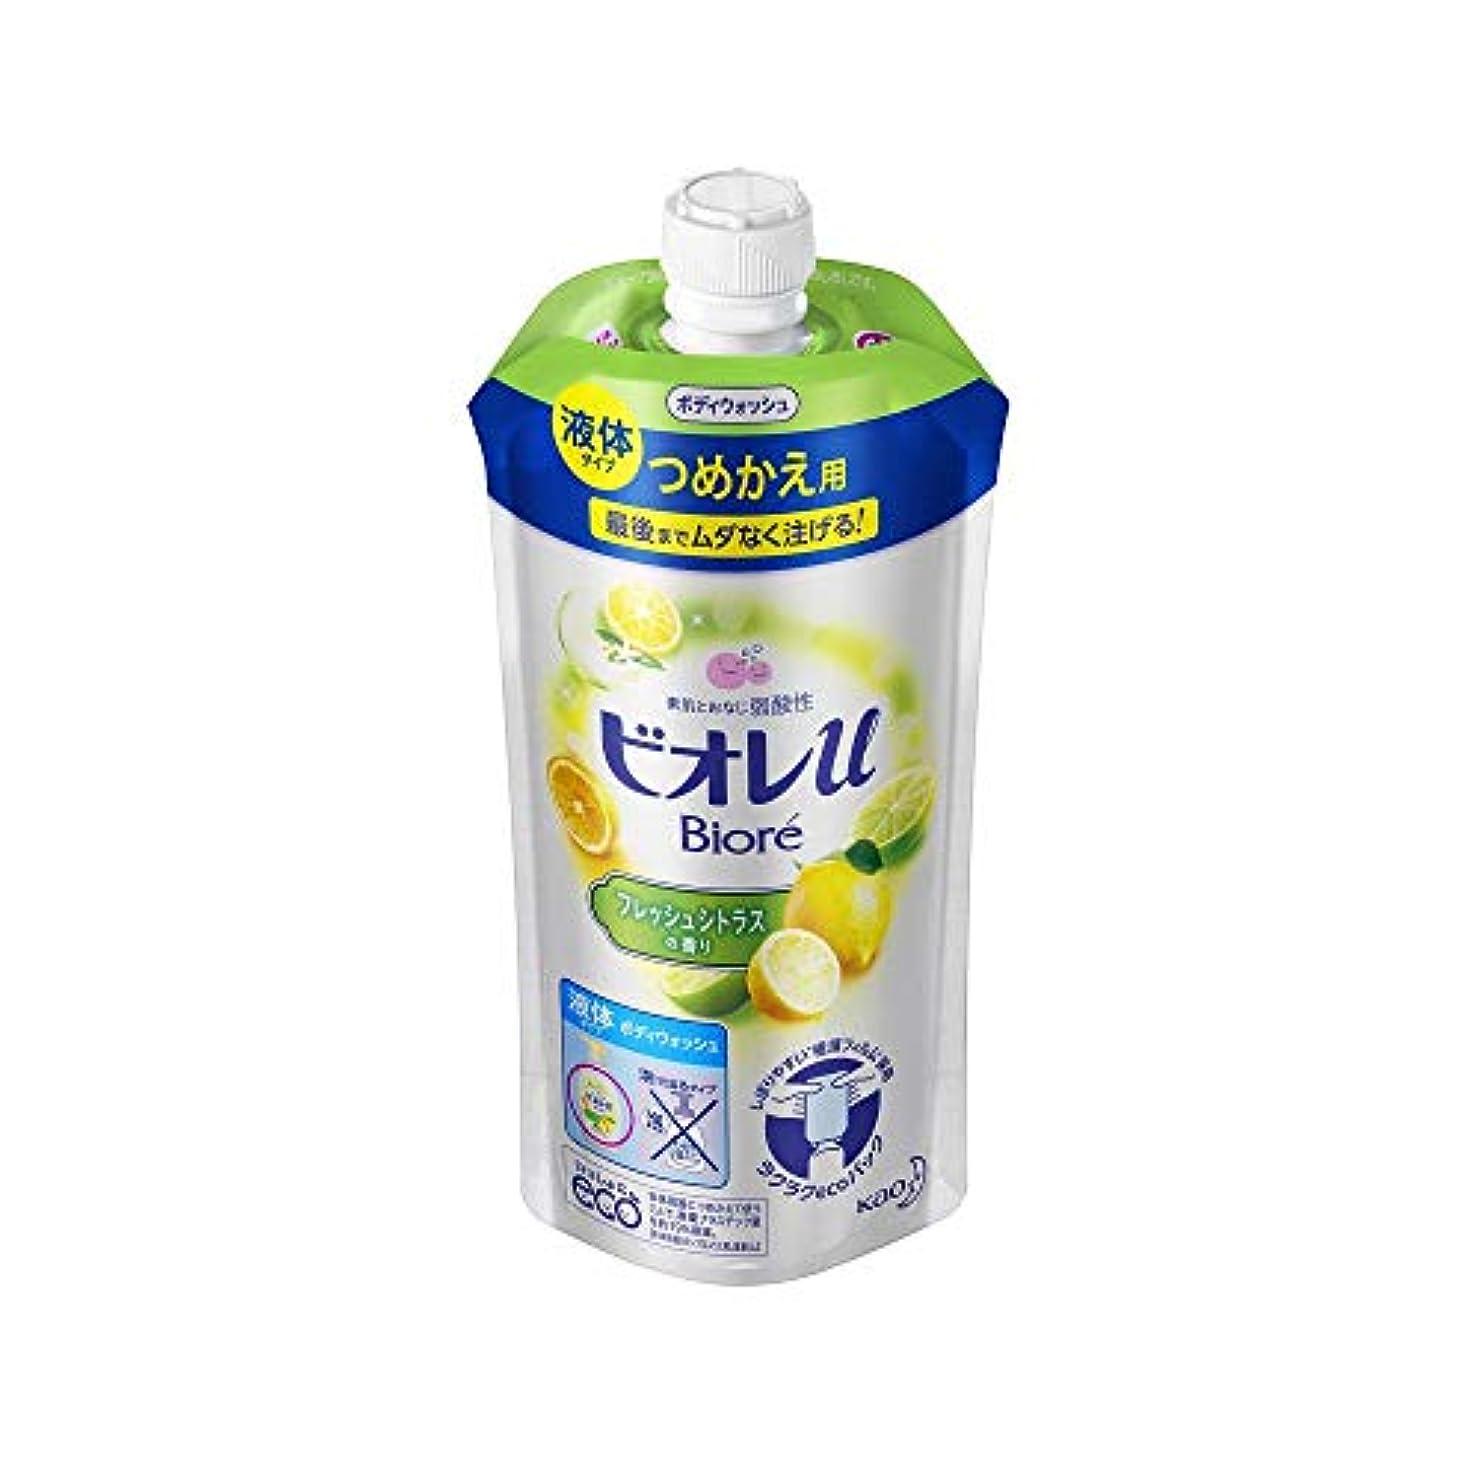 タバコペナルティ代理人花王 ビオレu フレッシュシトラスの香りつめかえ用 340ML